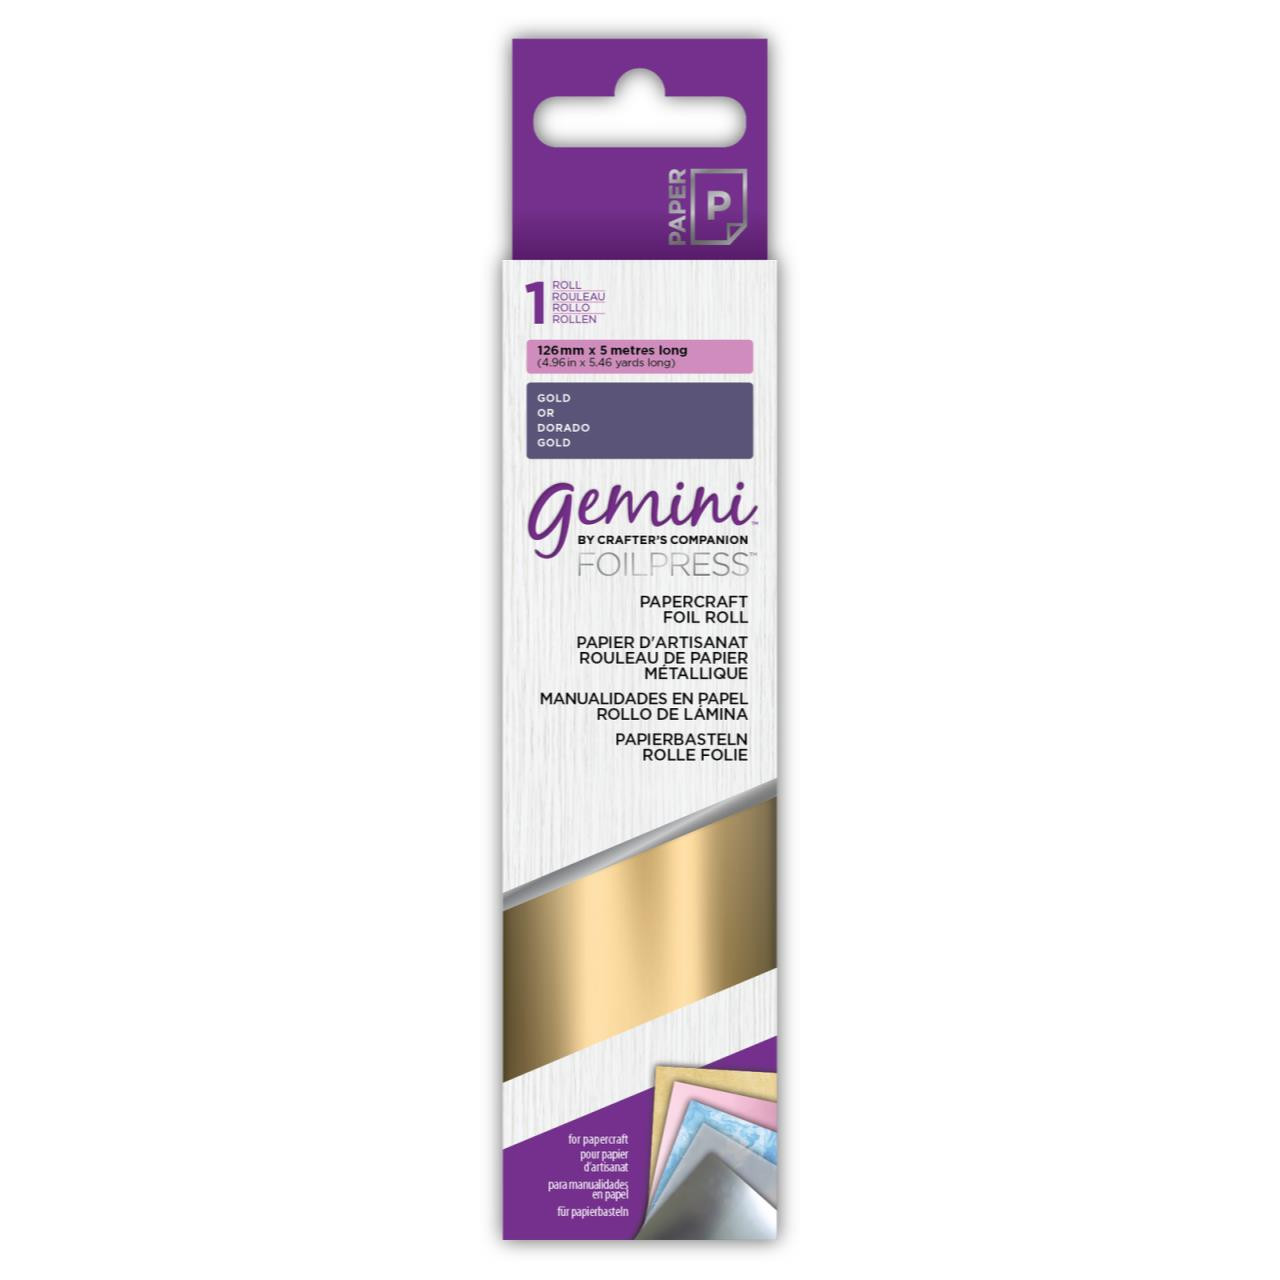 Gold, Gemini FoilPress Papercraft Foil Rolls - 709650879447